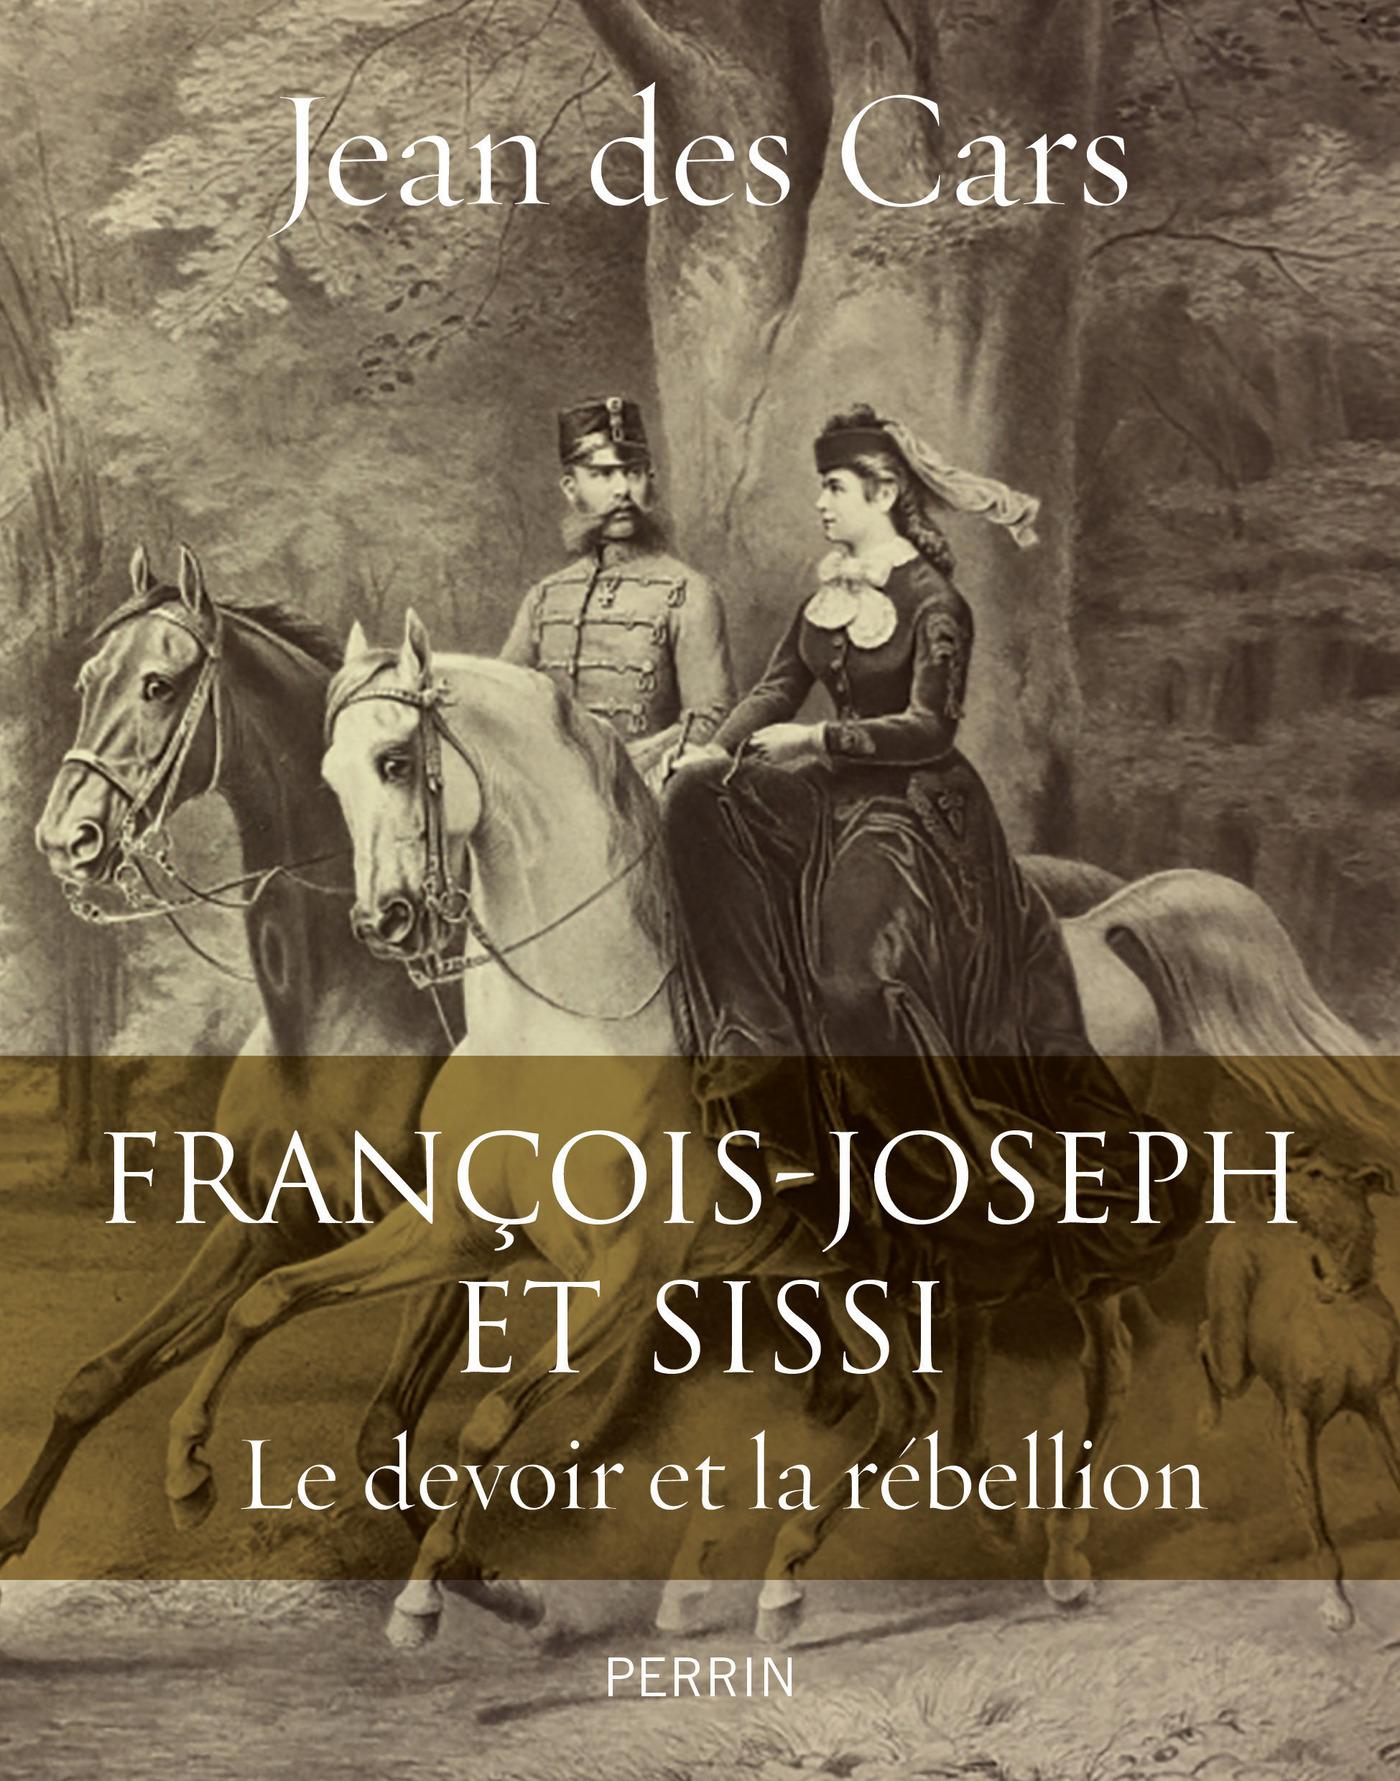 Fran?ois-Joseph et Sissi, Le devoir et la r?bellion